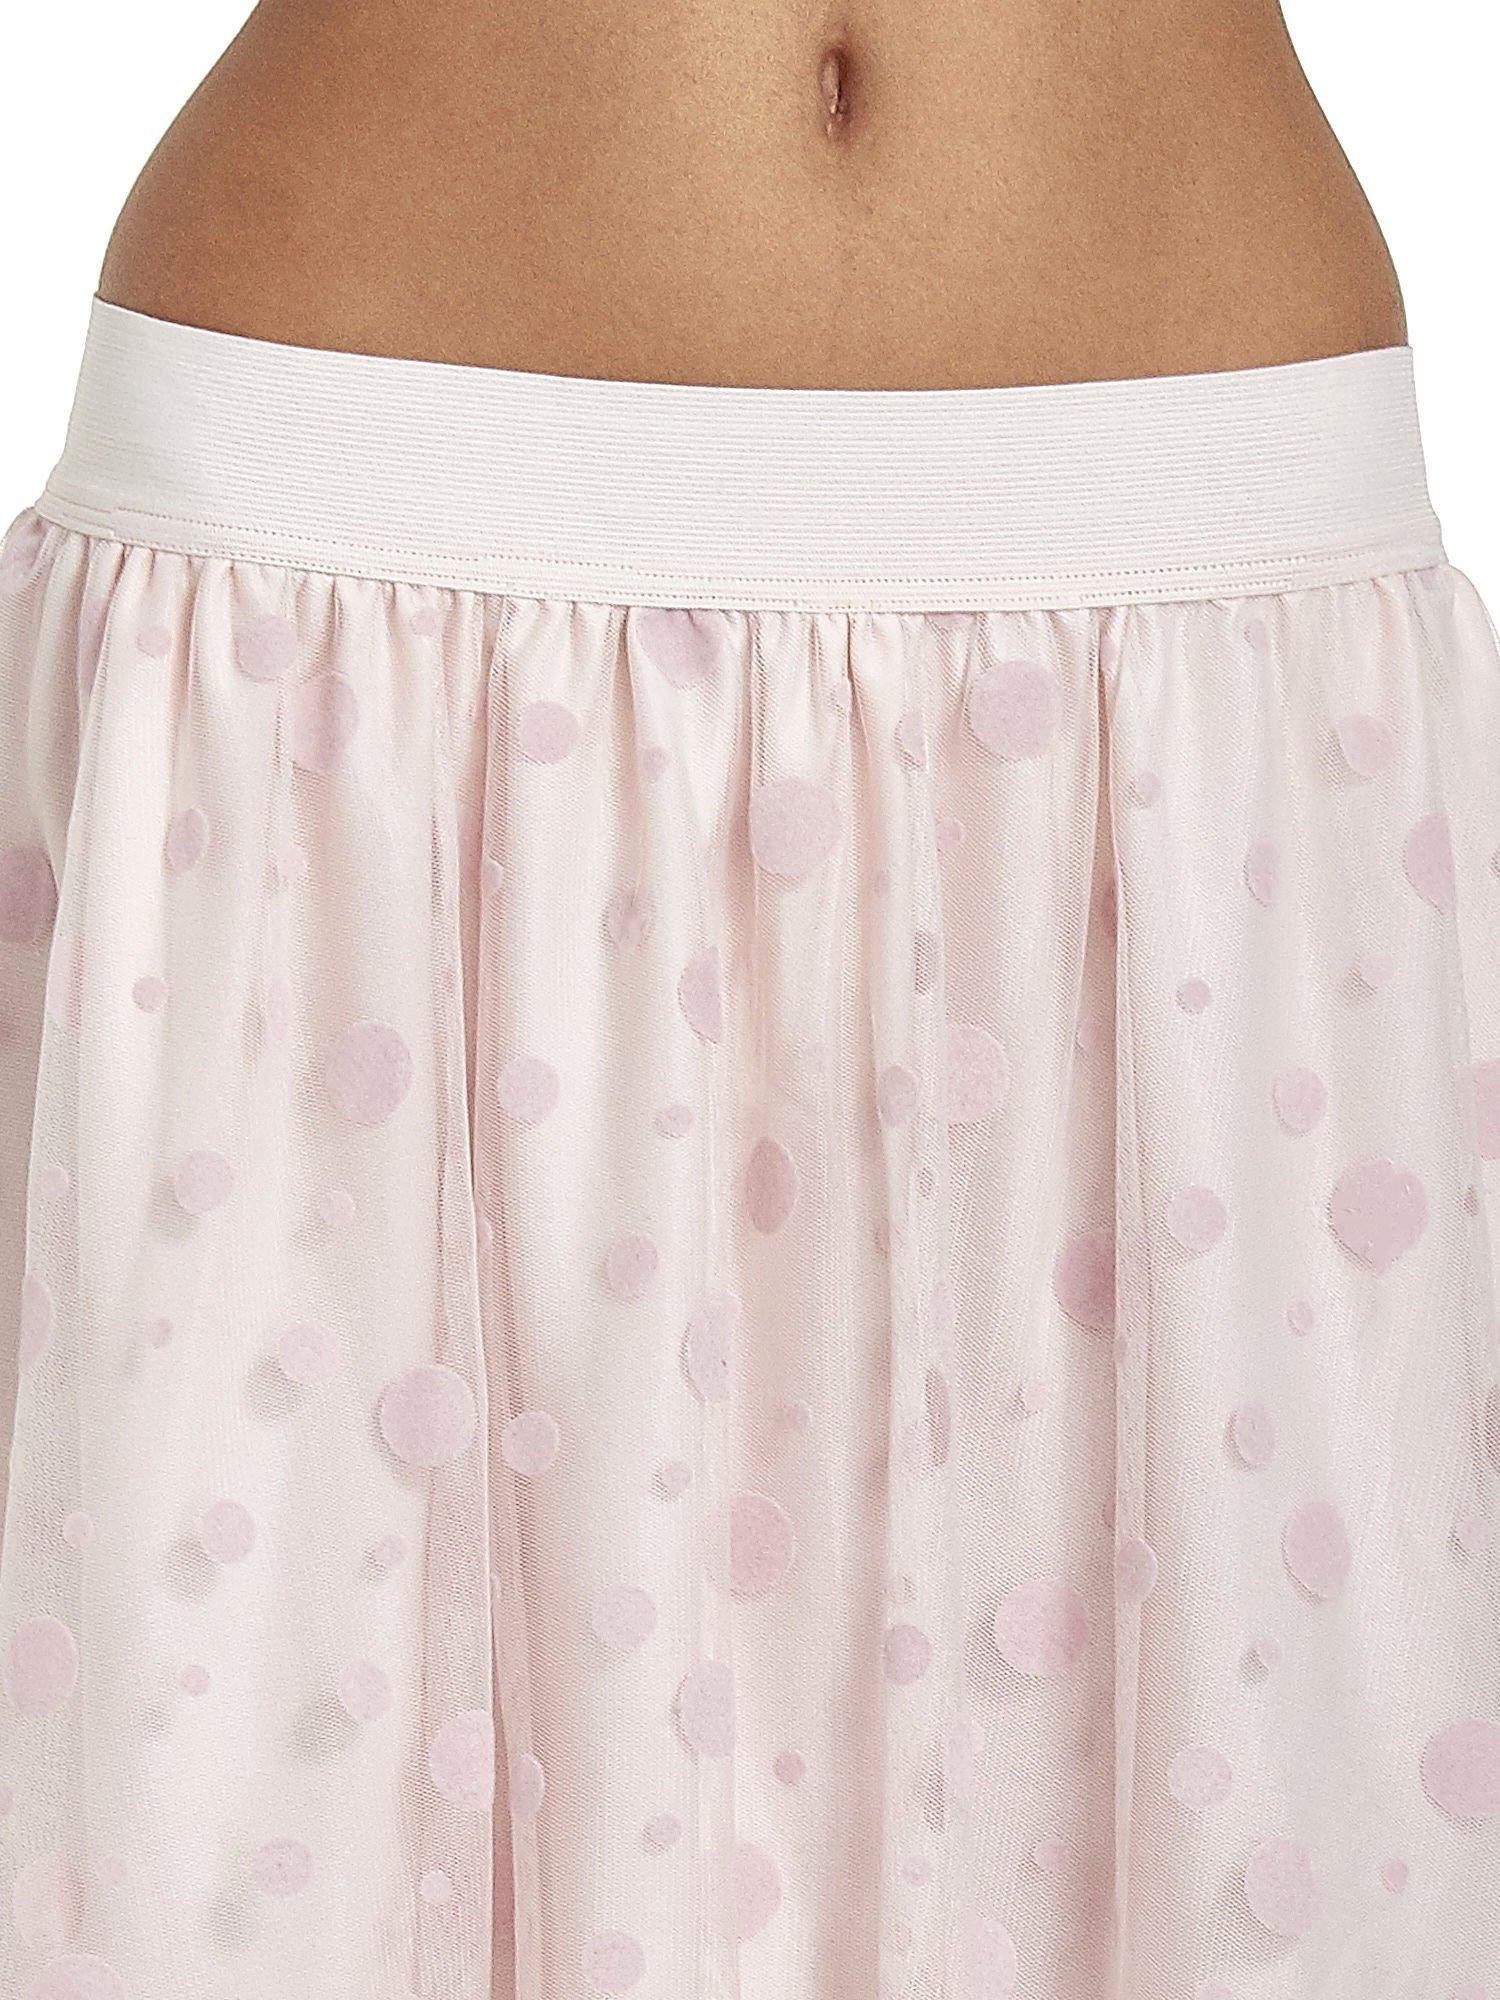 Jasnoróżowa spódnica z tiulową warstwą w groszki                                  zdj.                                  5